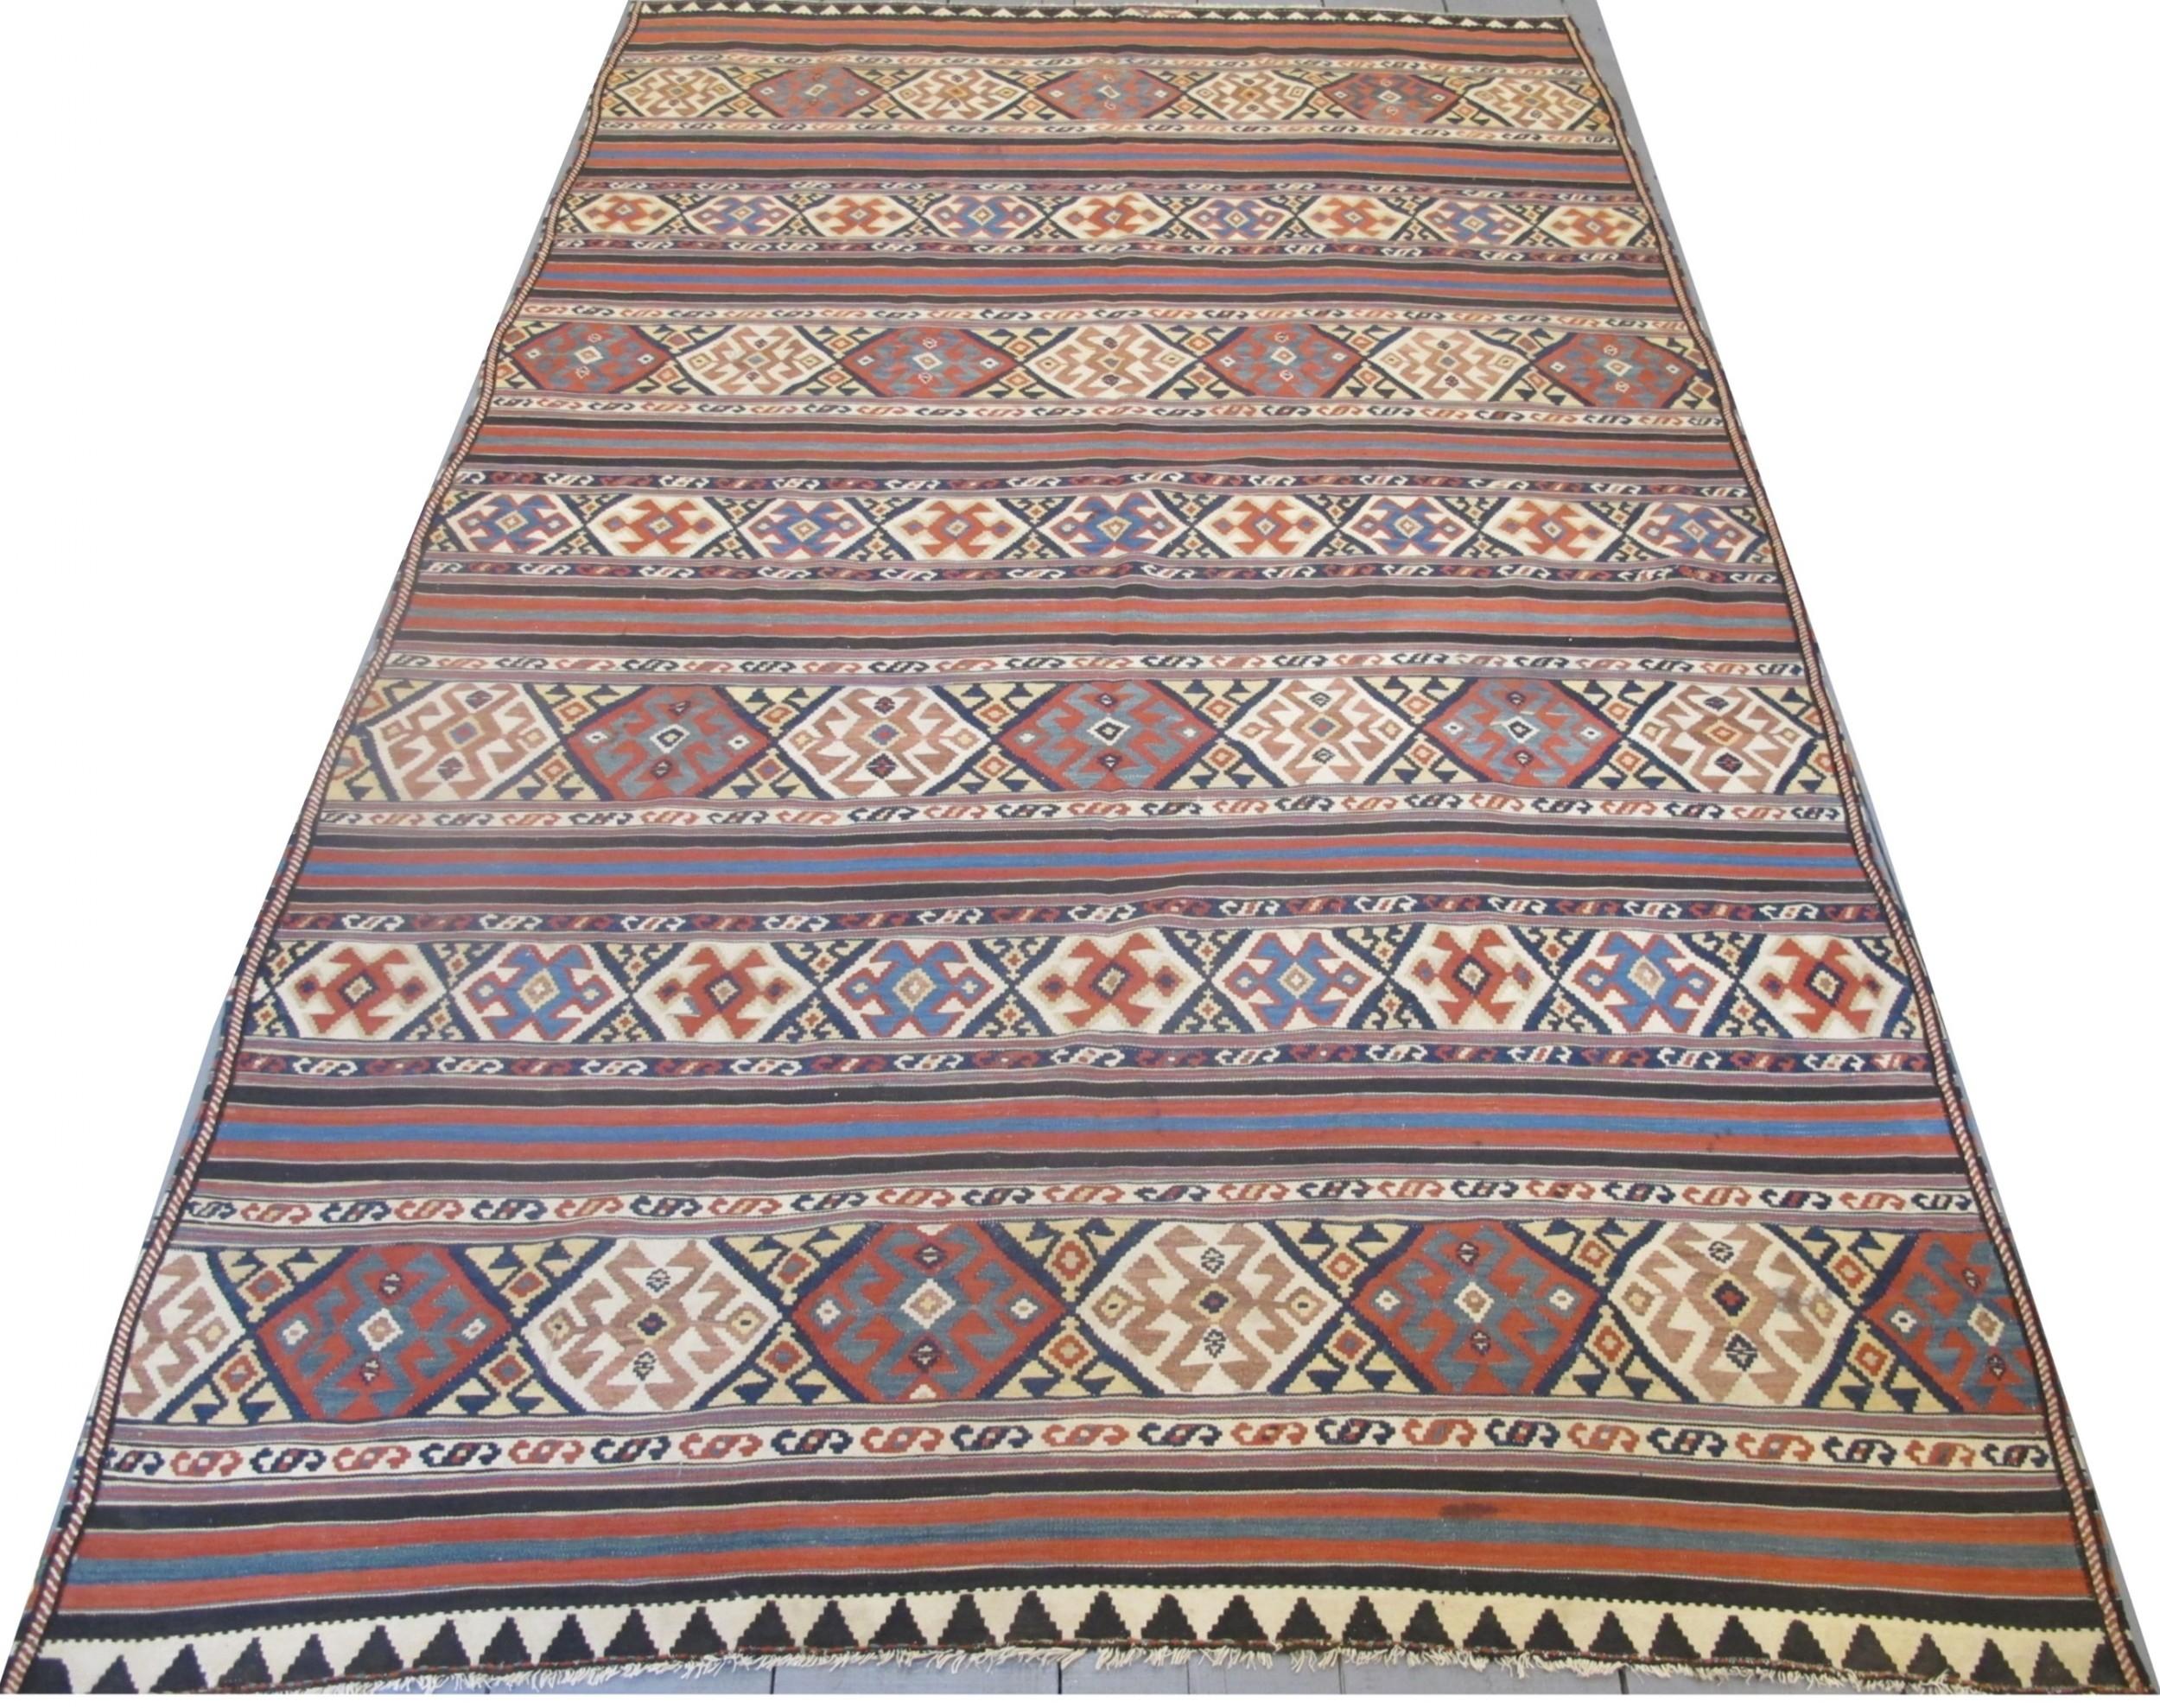 fine antique caucasian kilim 310m x 195m 10'2 x 6'4